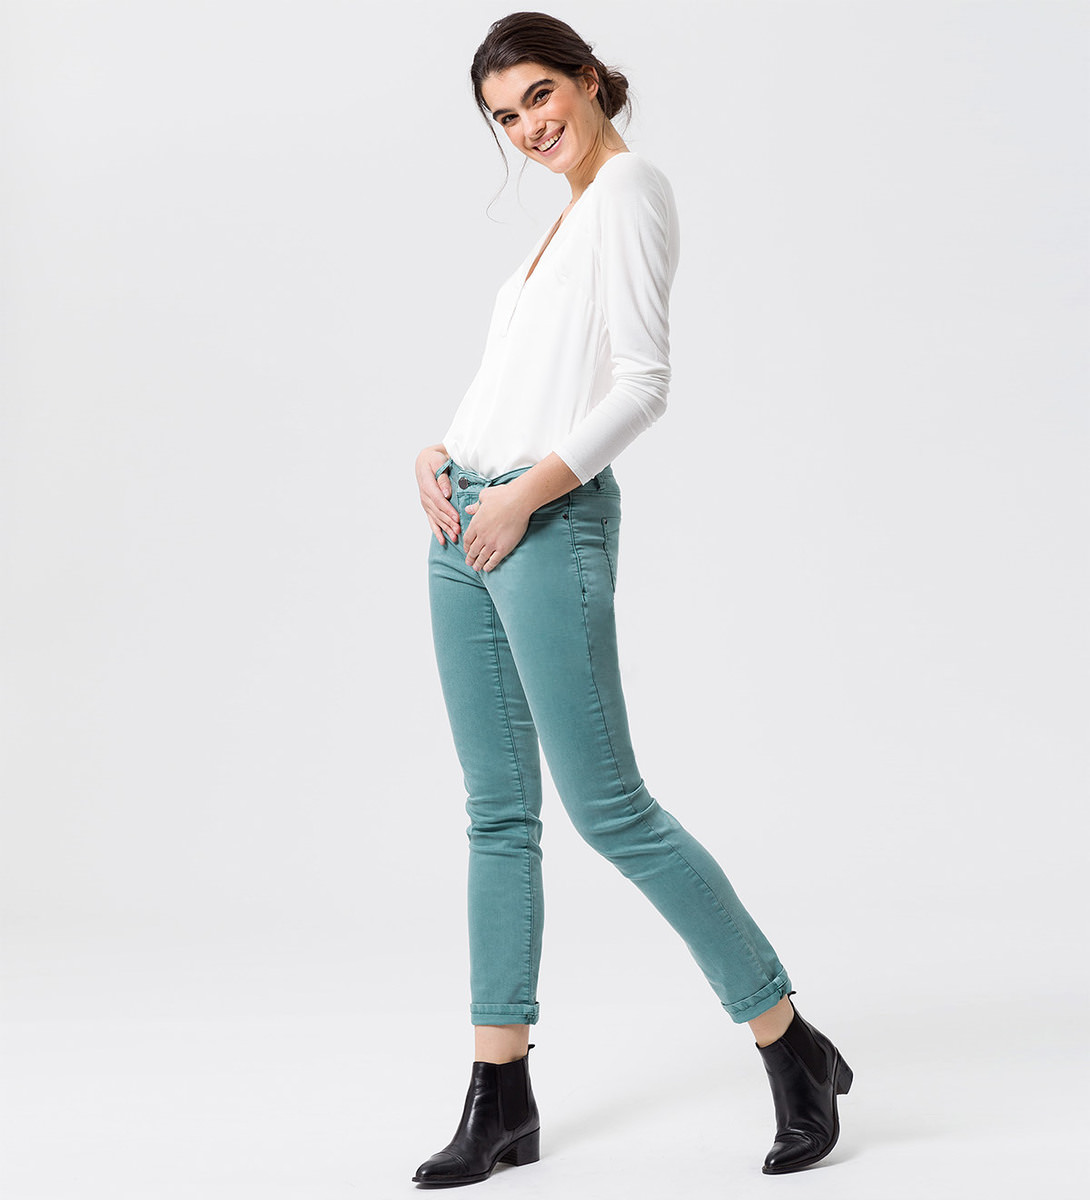 Jeans mit dekorativen Applikationen 32 Inch in dusk jade